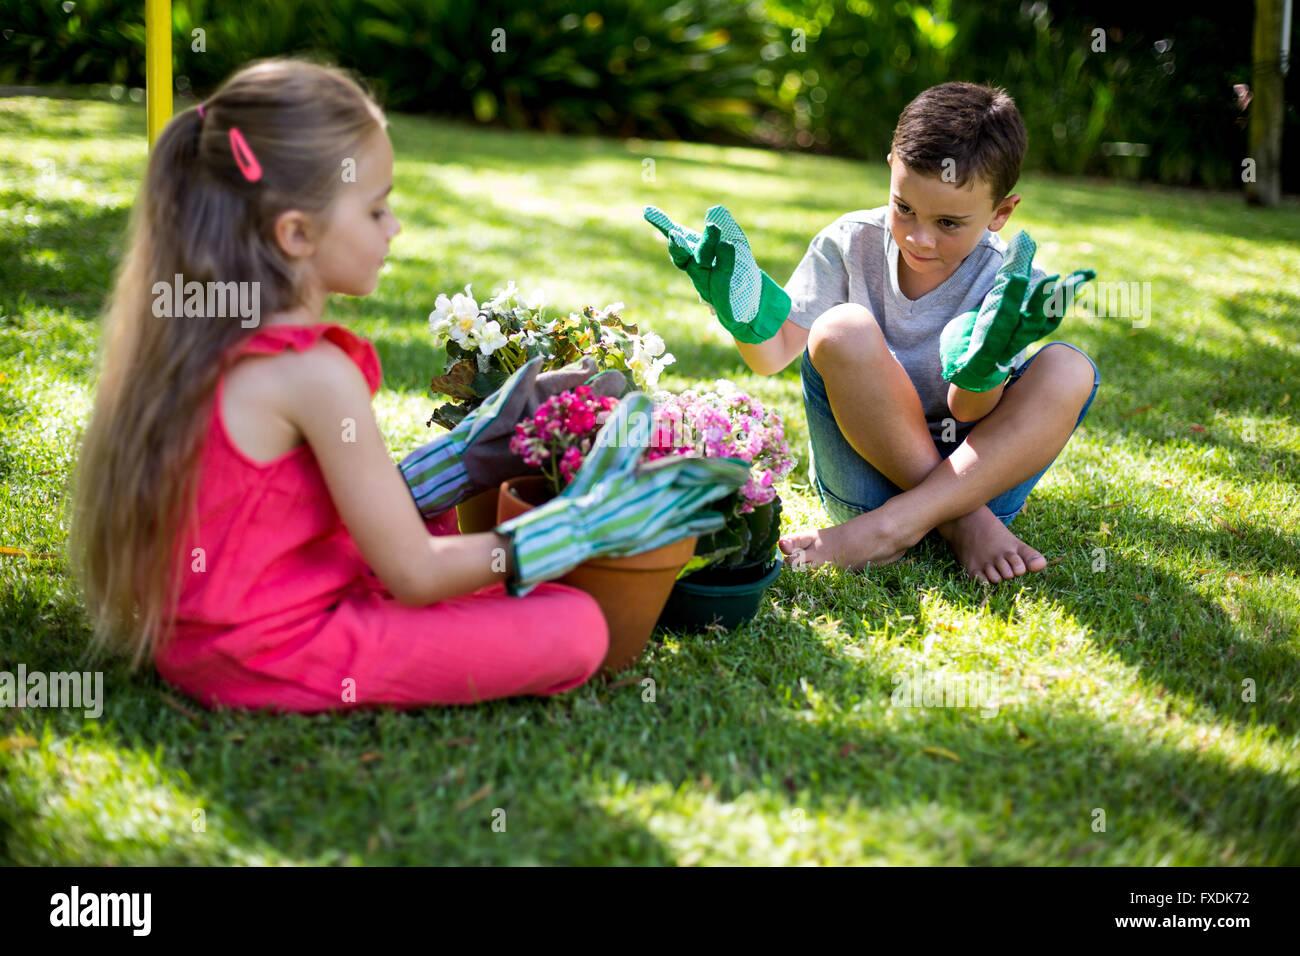 Fratelli con vasi di fiori seduti in giardino Immagini Stock